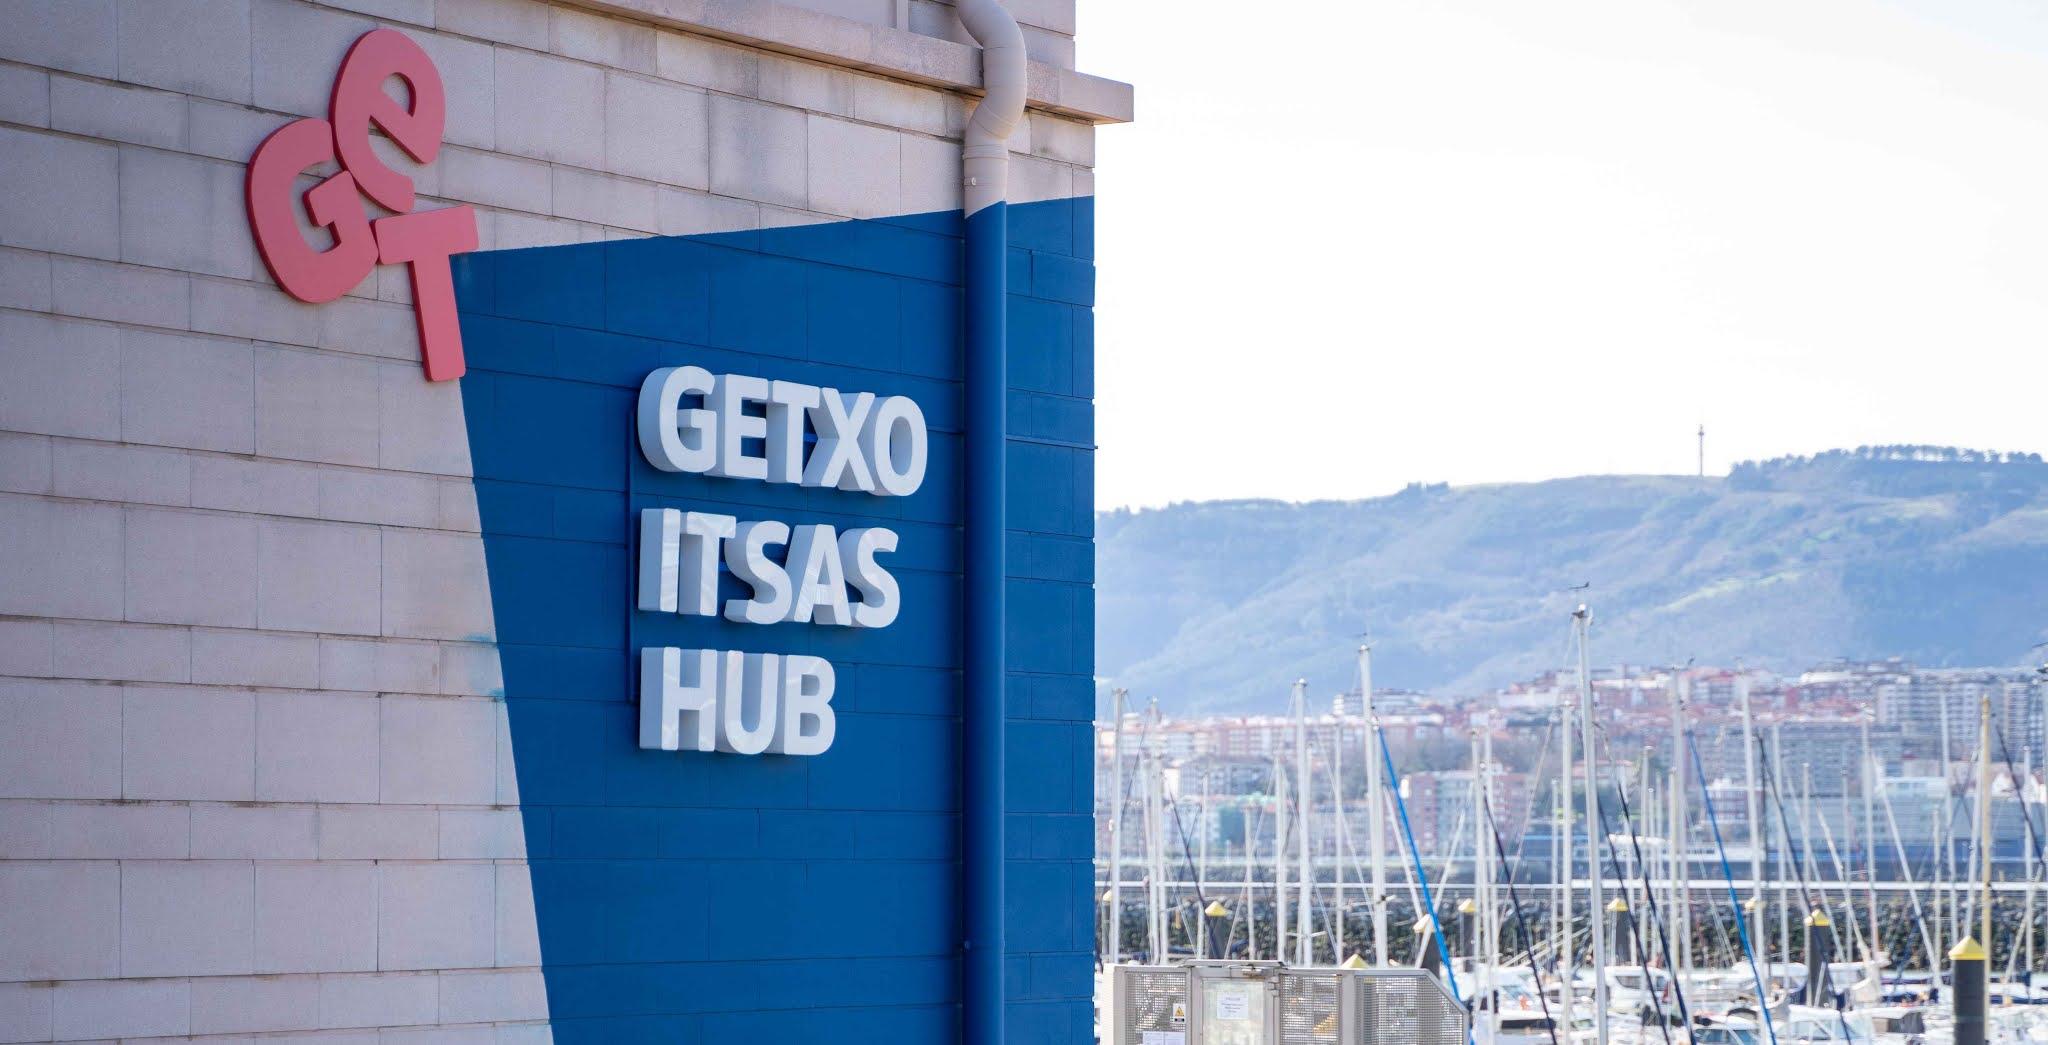 itsas hub